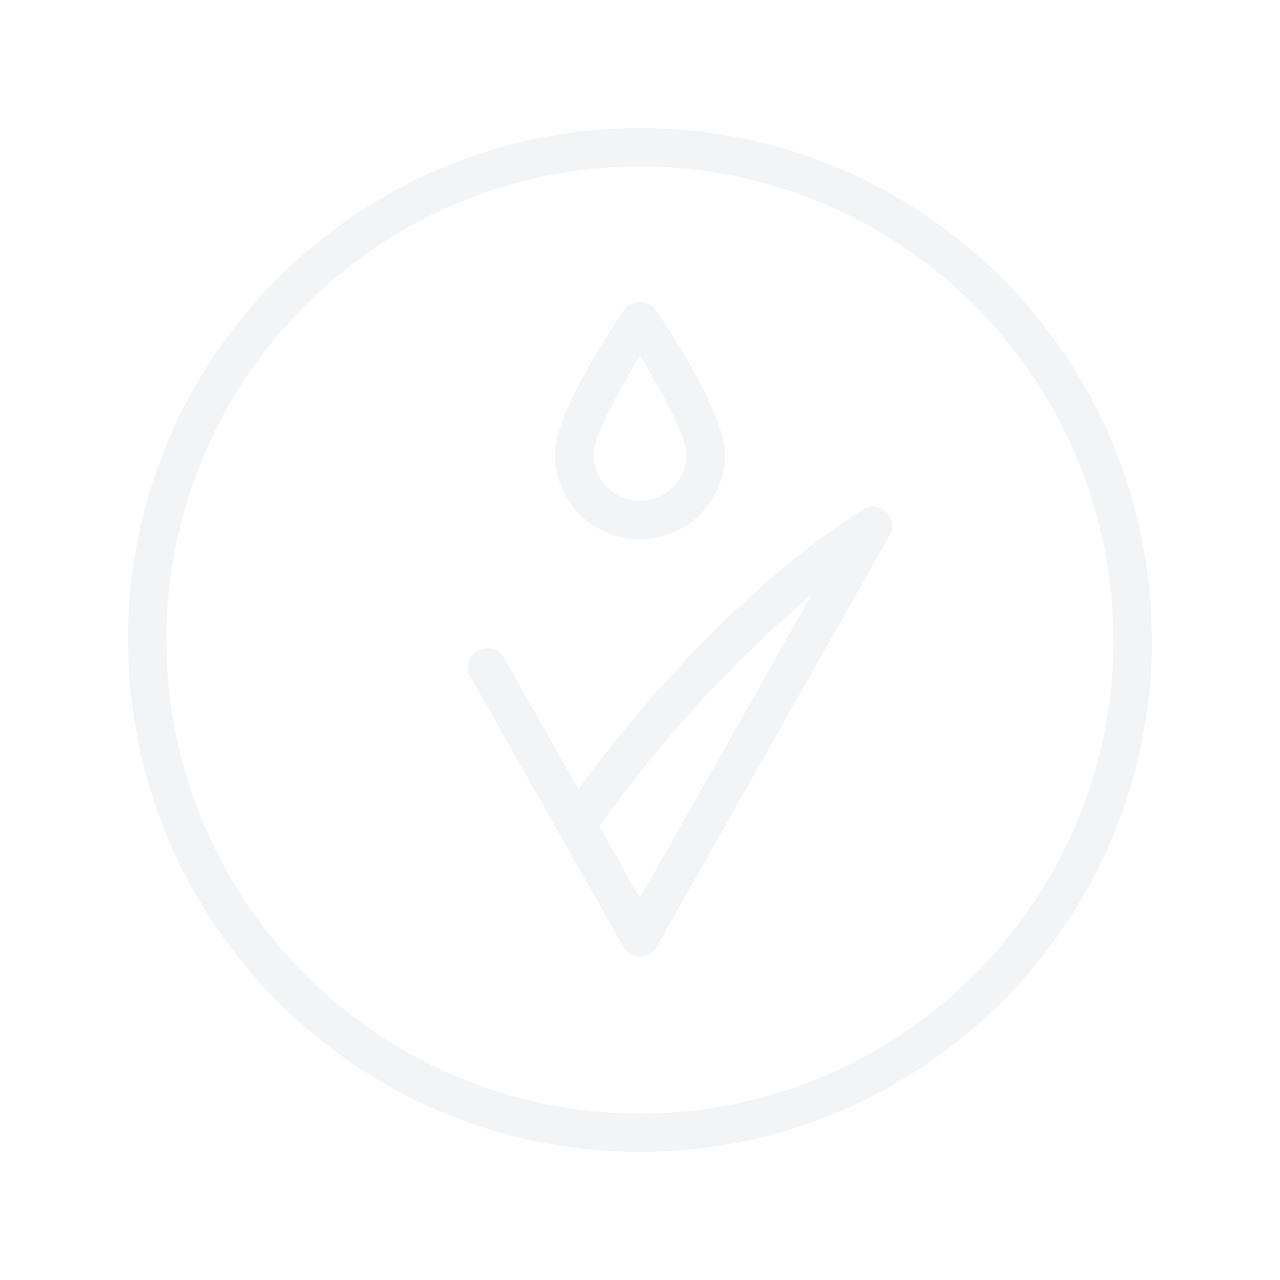 WELLA PROFESSIONALS Invigo Nutri-Enrich Mask 500ml